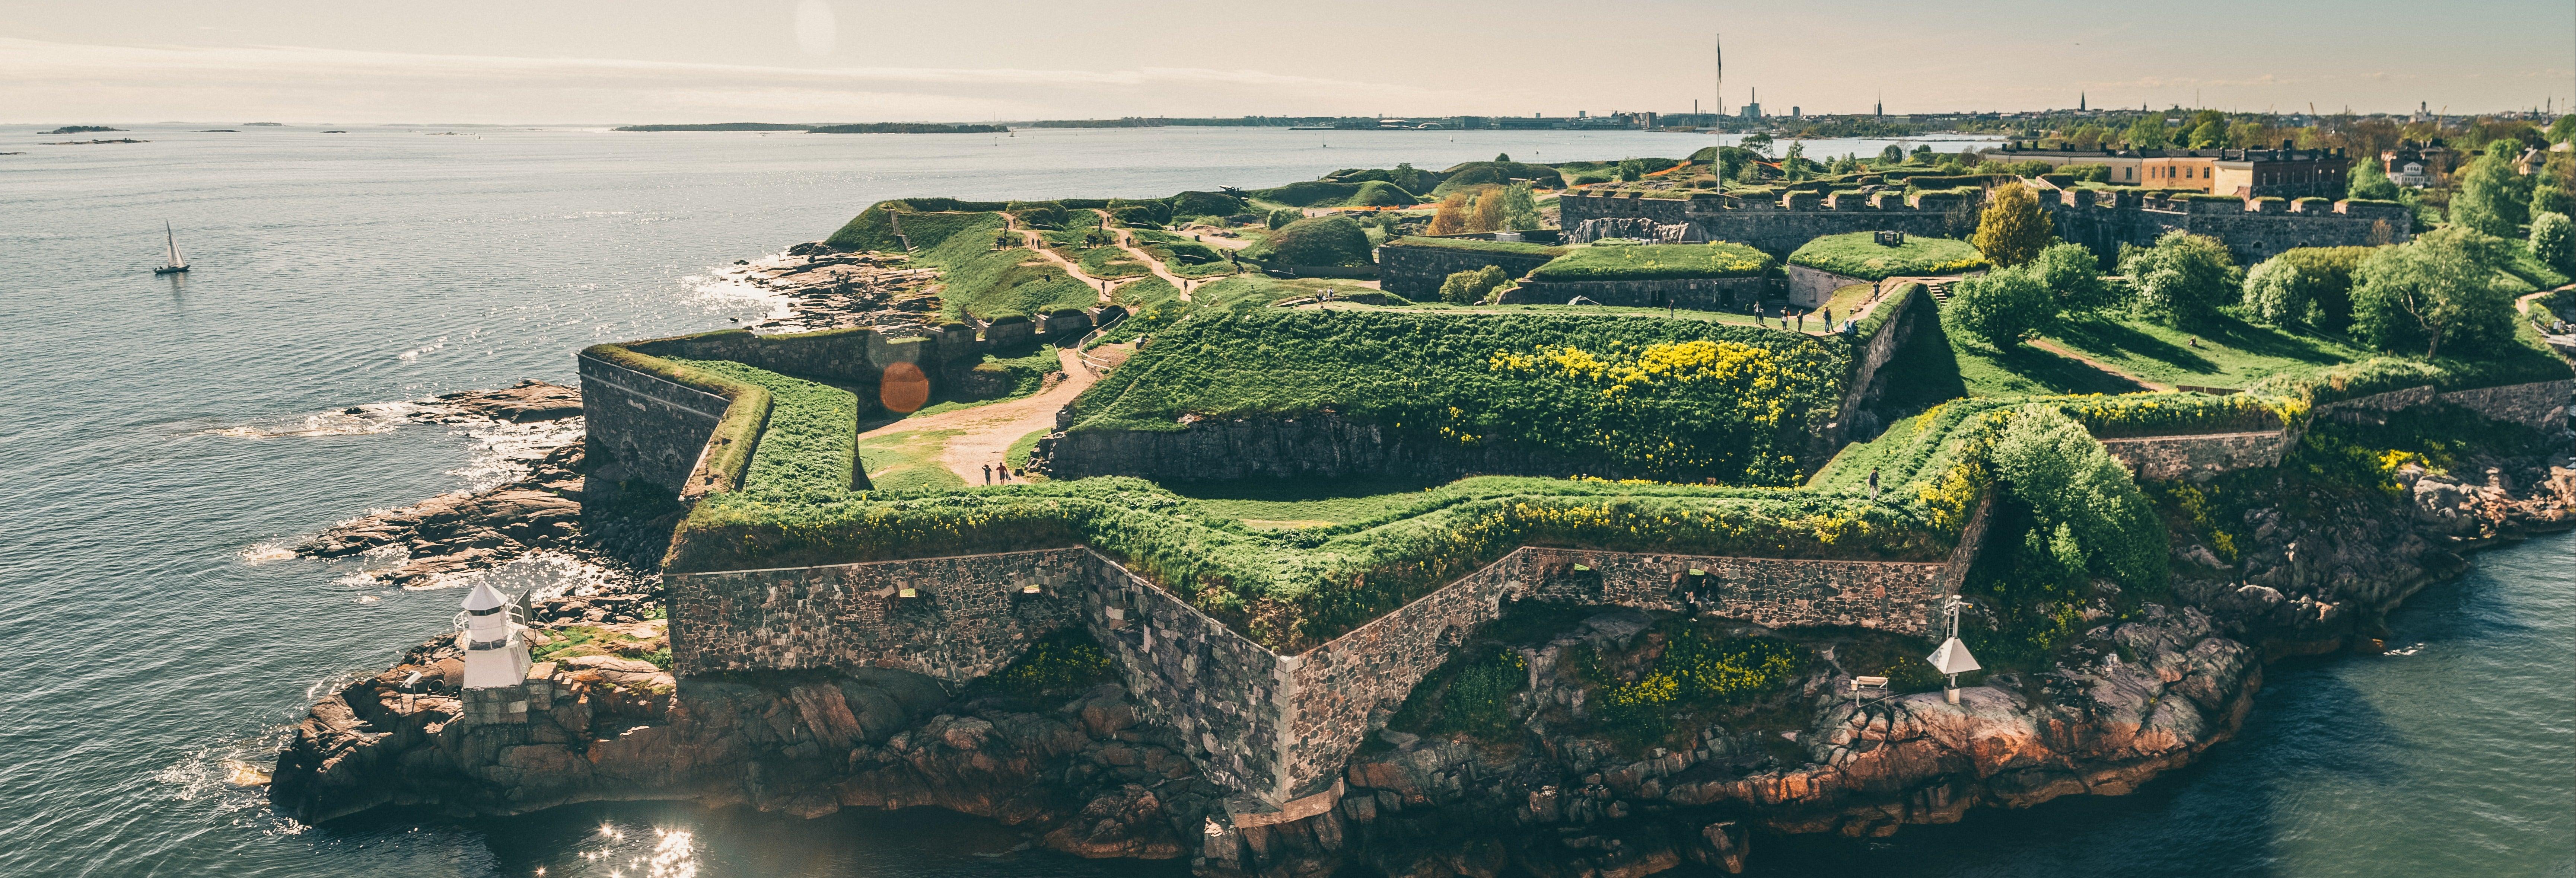 Visita guiada por Helsinki y Suomenlinna